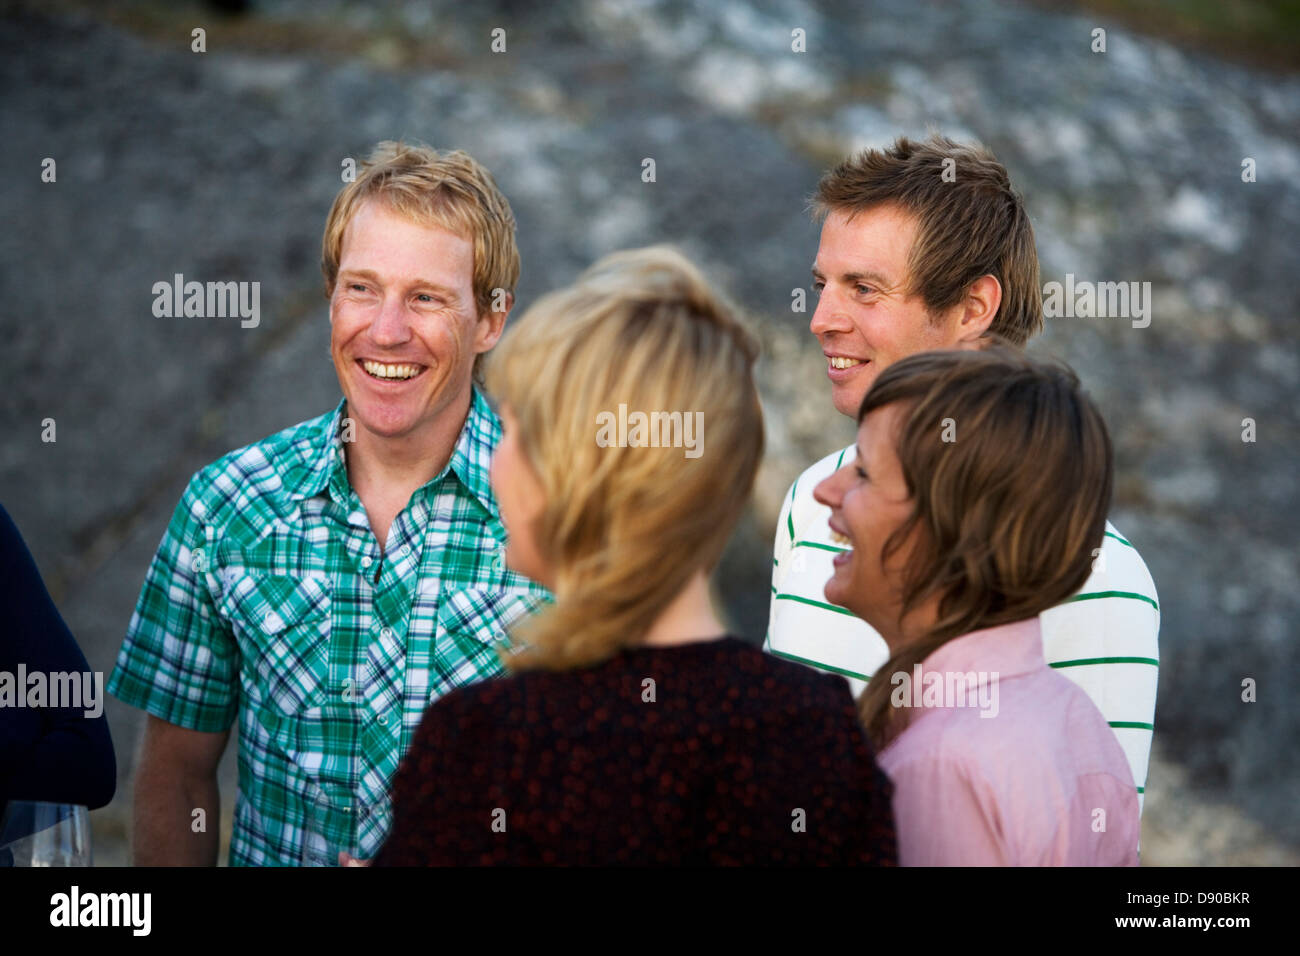 Gli amici di trascorrere del tempo insieme, Fejan, arcipelago di Stoccolma, Svezia. Foto Stock